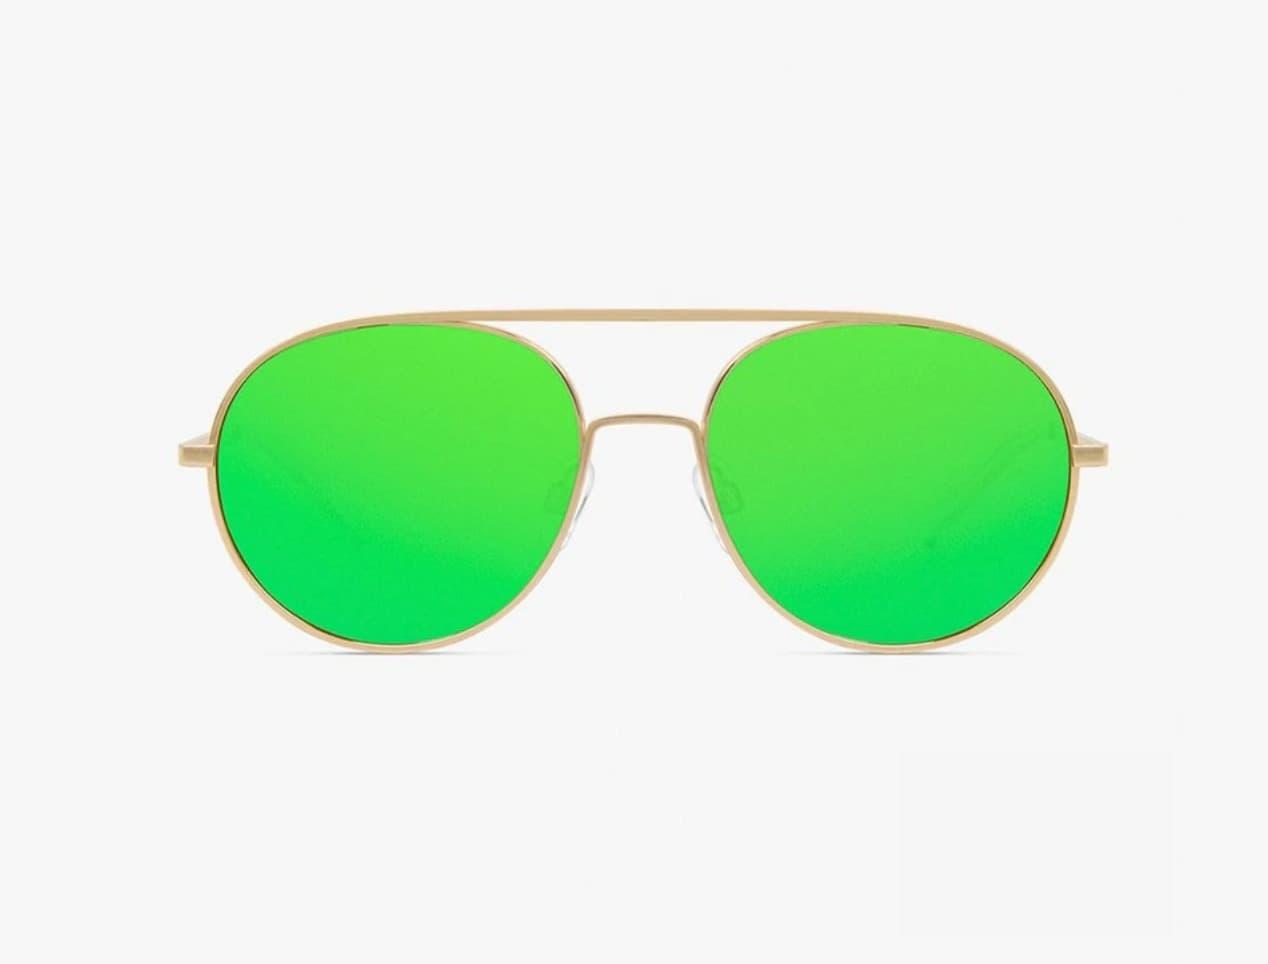 Gafas de sol unisex D.Franklin en color oro con lentes polarizadas